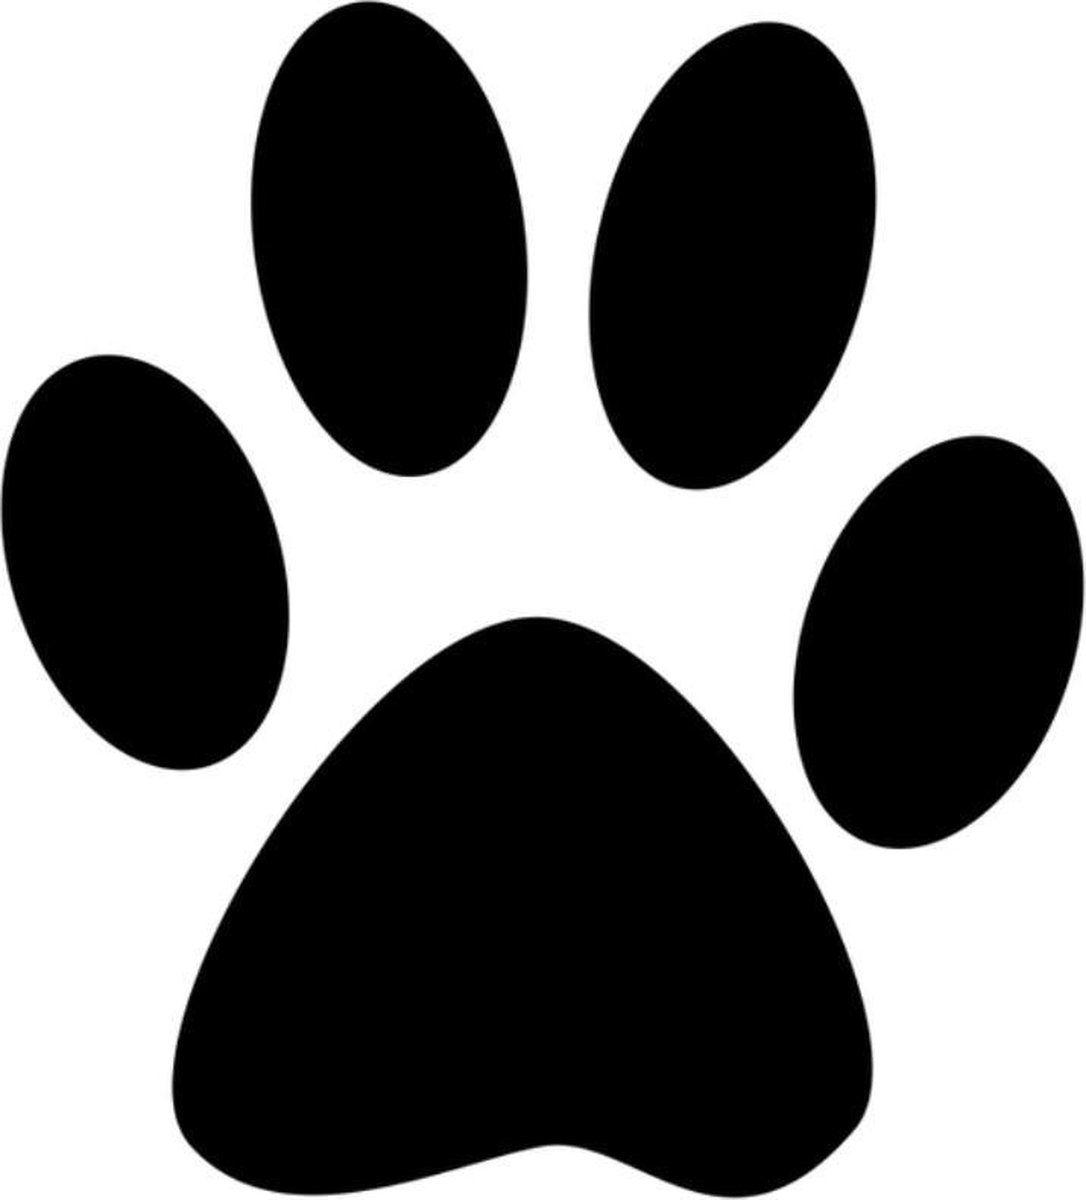 Sticker Hondenpoot 12 X 12 Cm Zwart In 2021 Hondenpoten Auto Stickers Zwart